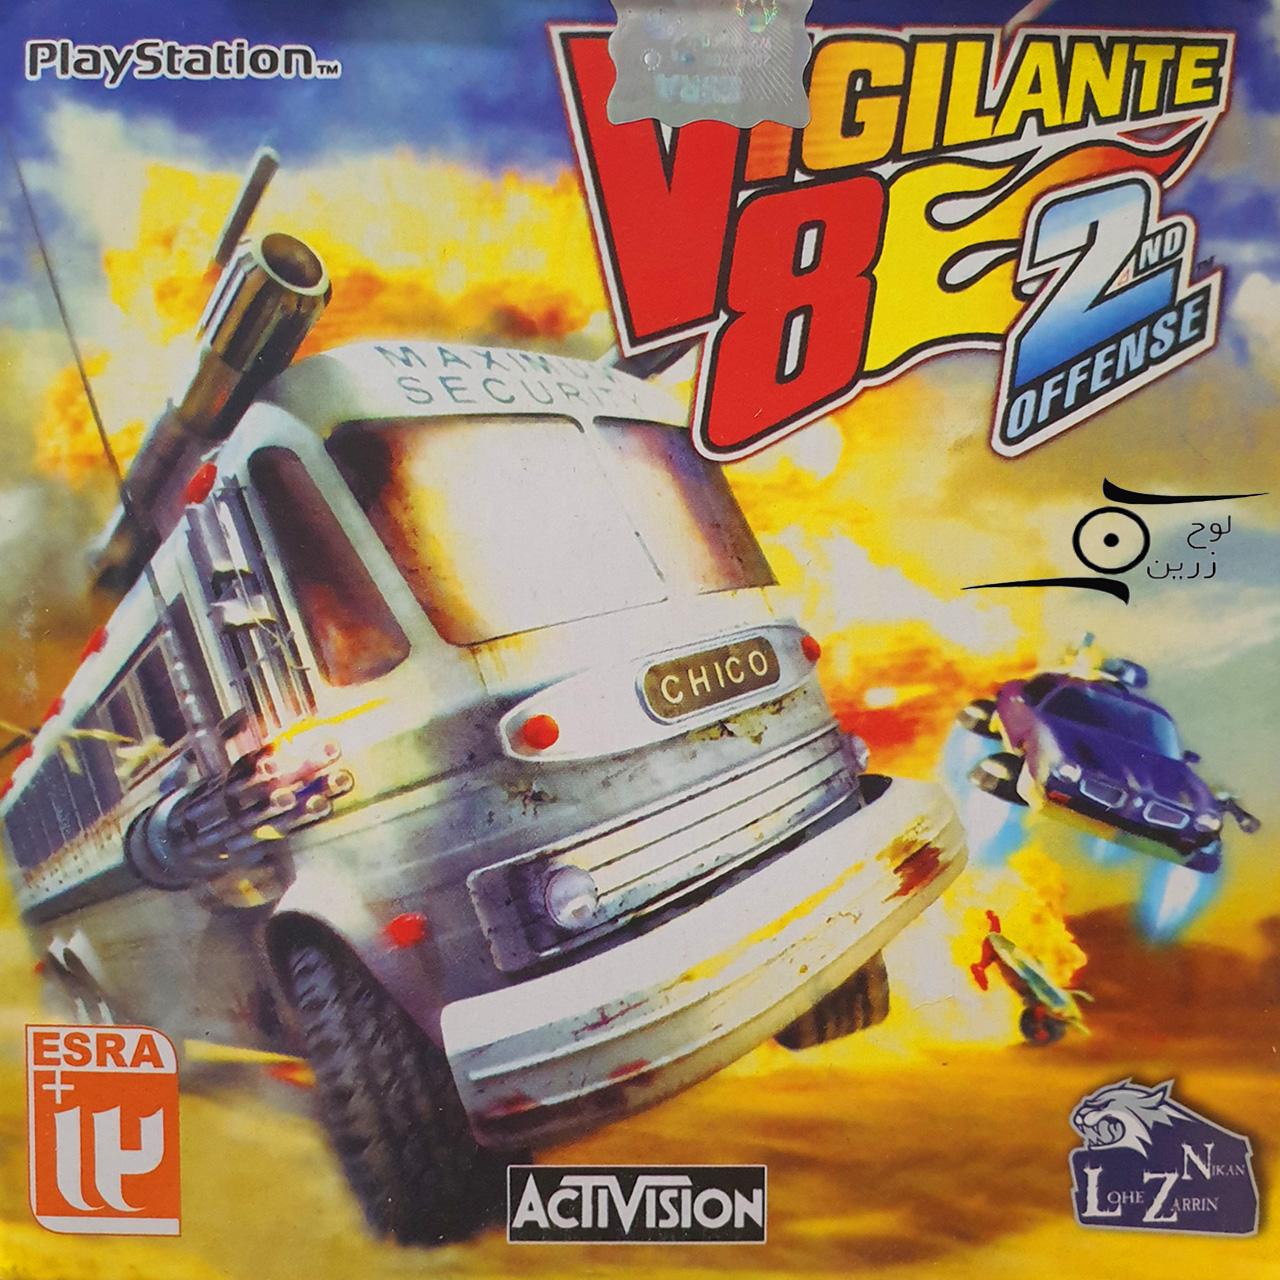 بازی Vigilante 8 - 2nd Offense مخصوص PS1